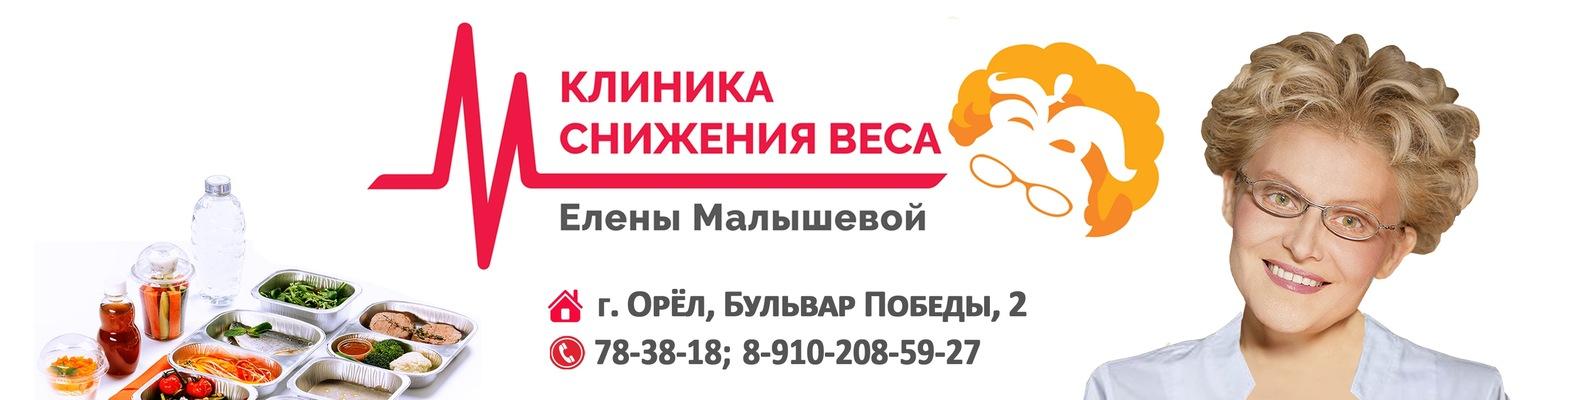 Похудеть В Клинике Москва.